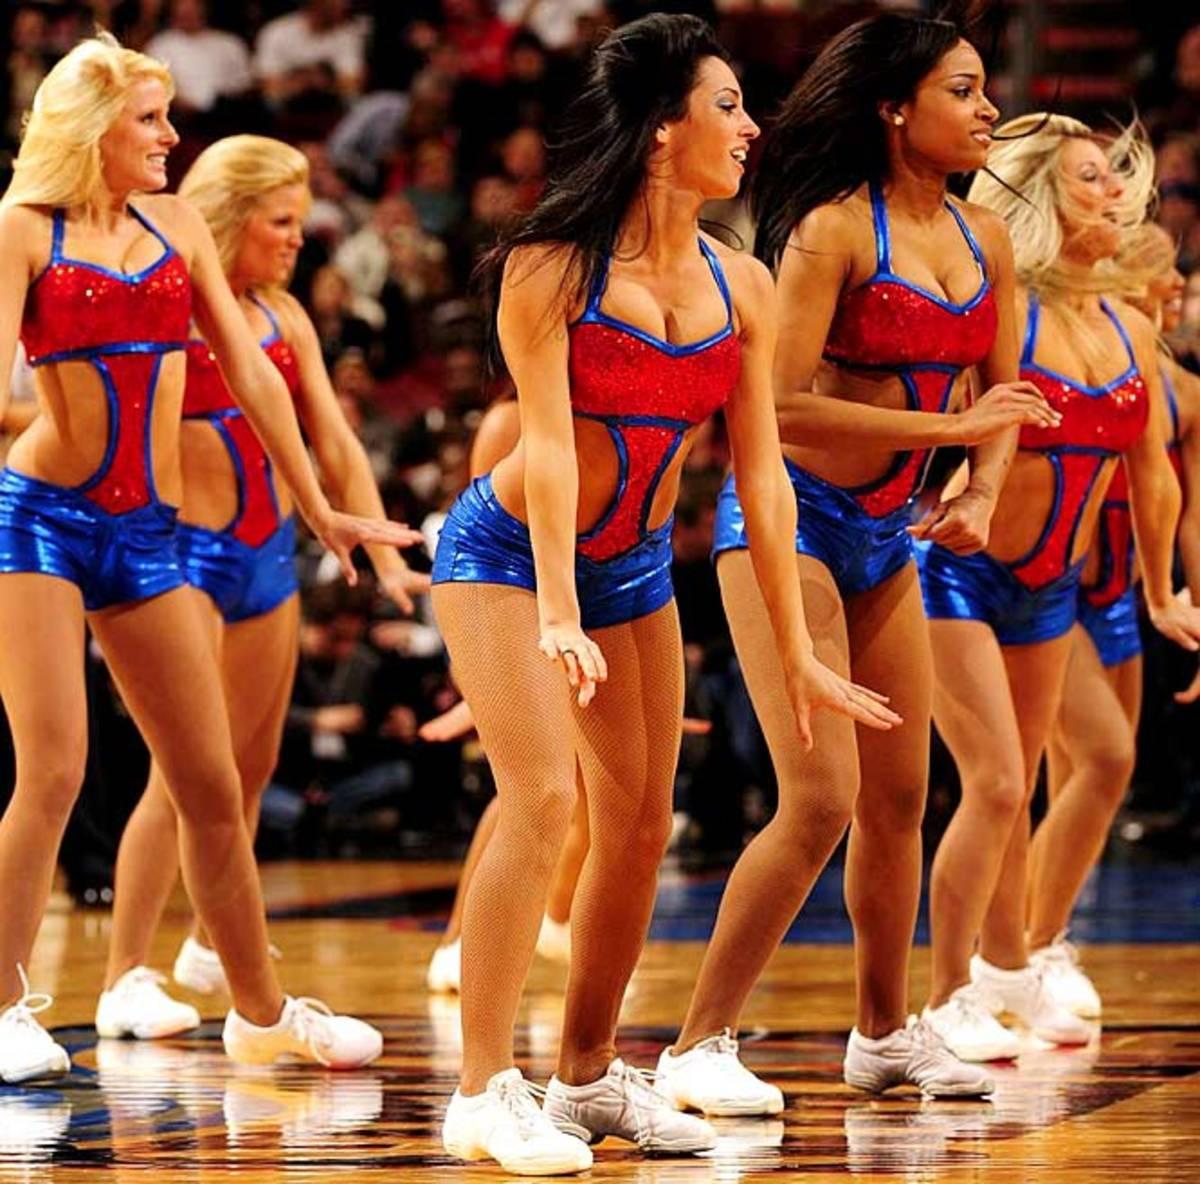 sixers-dancers%2809%29.jpg